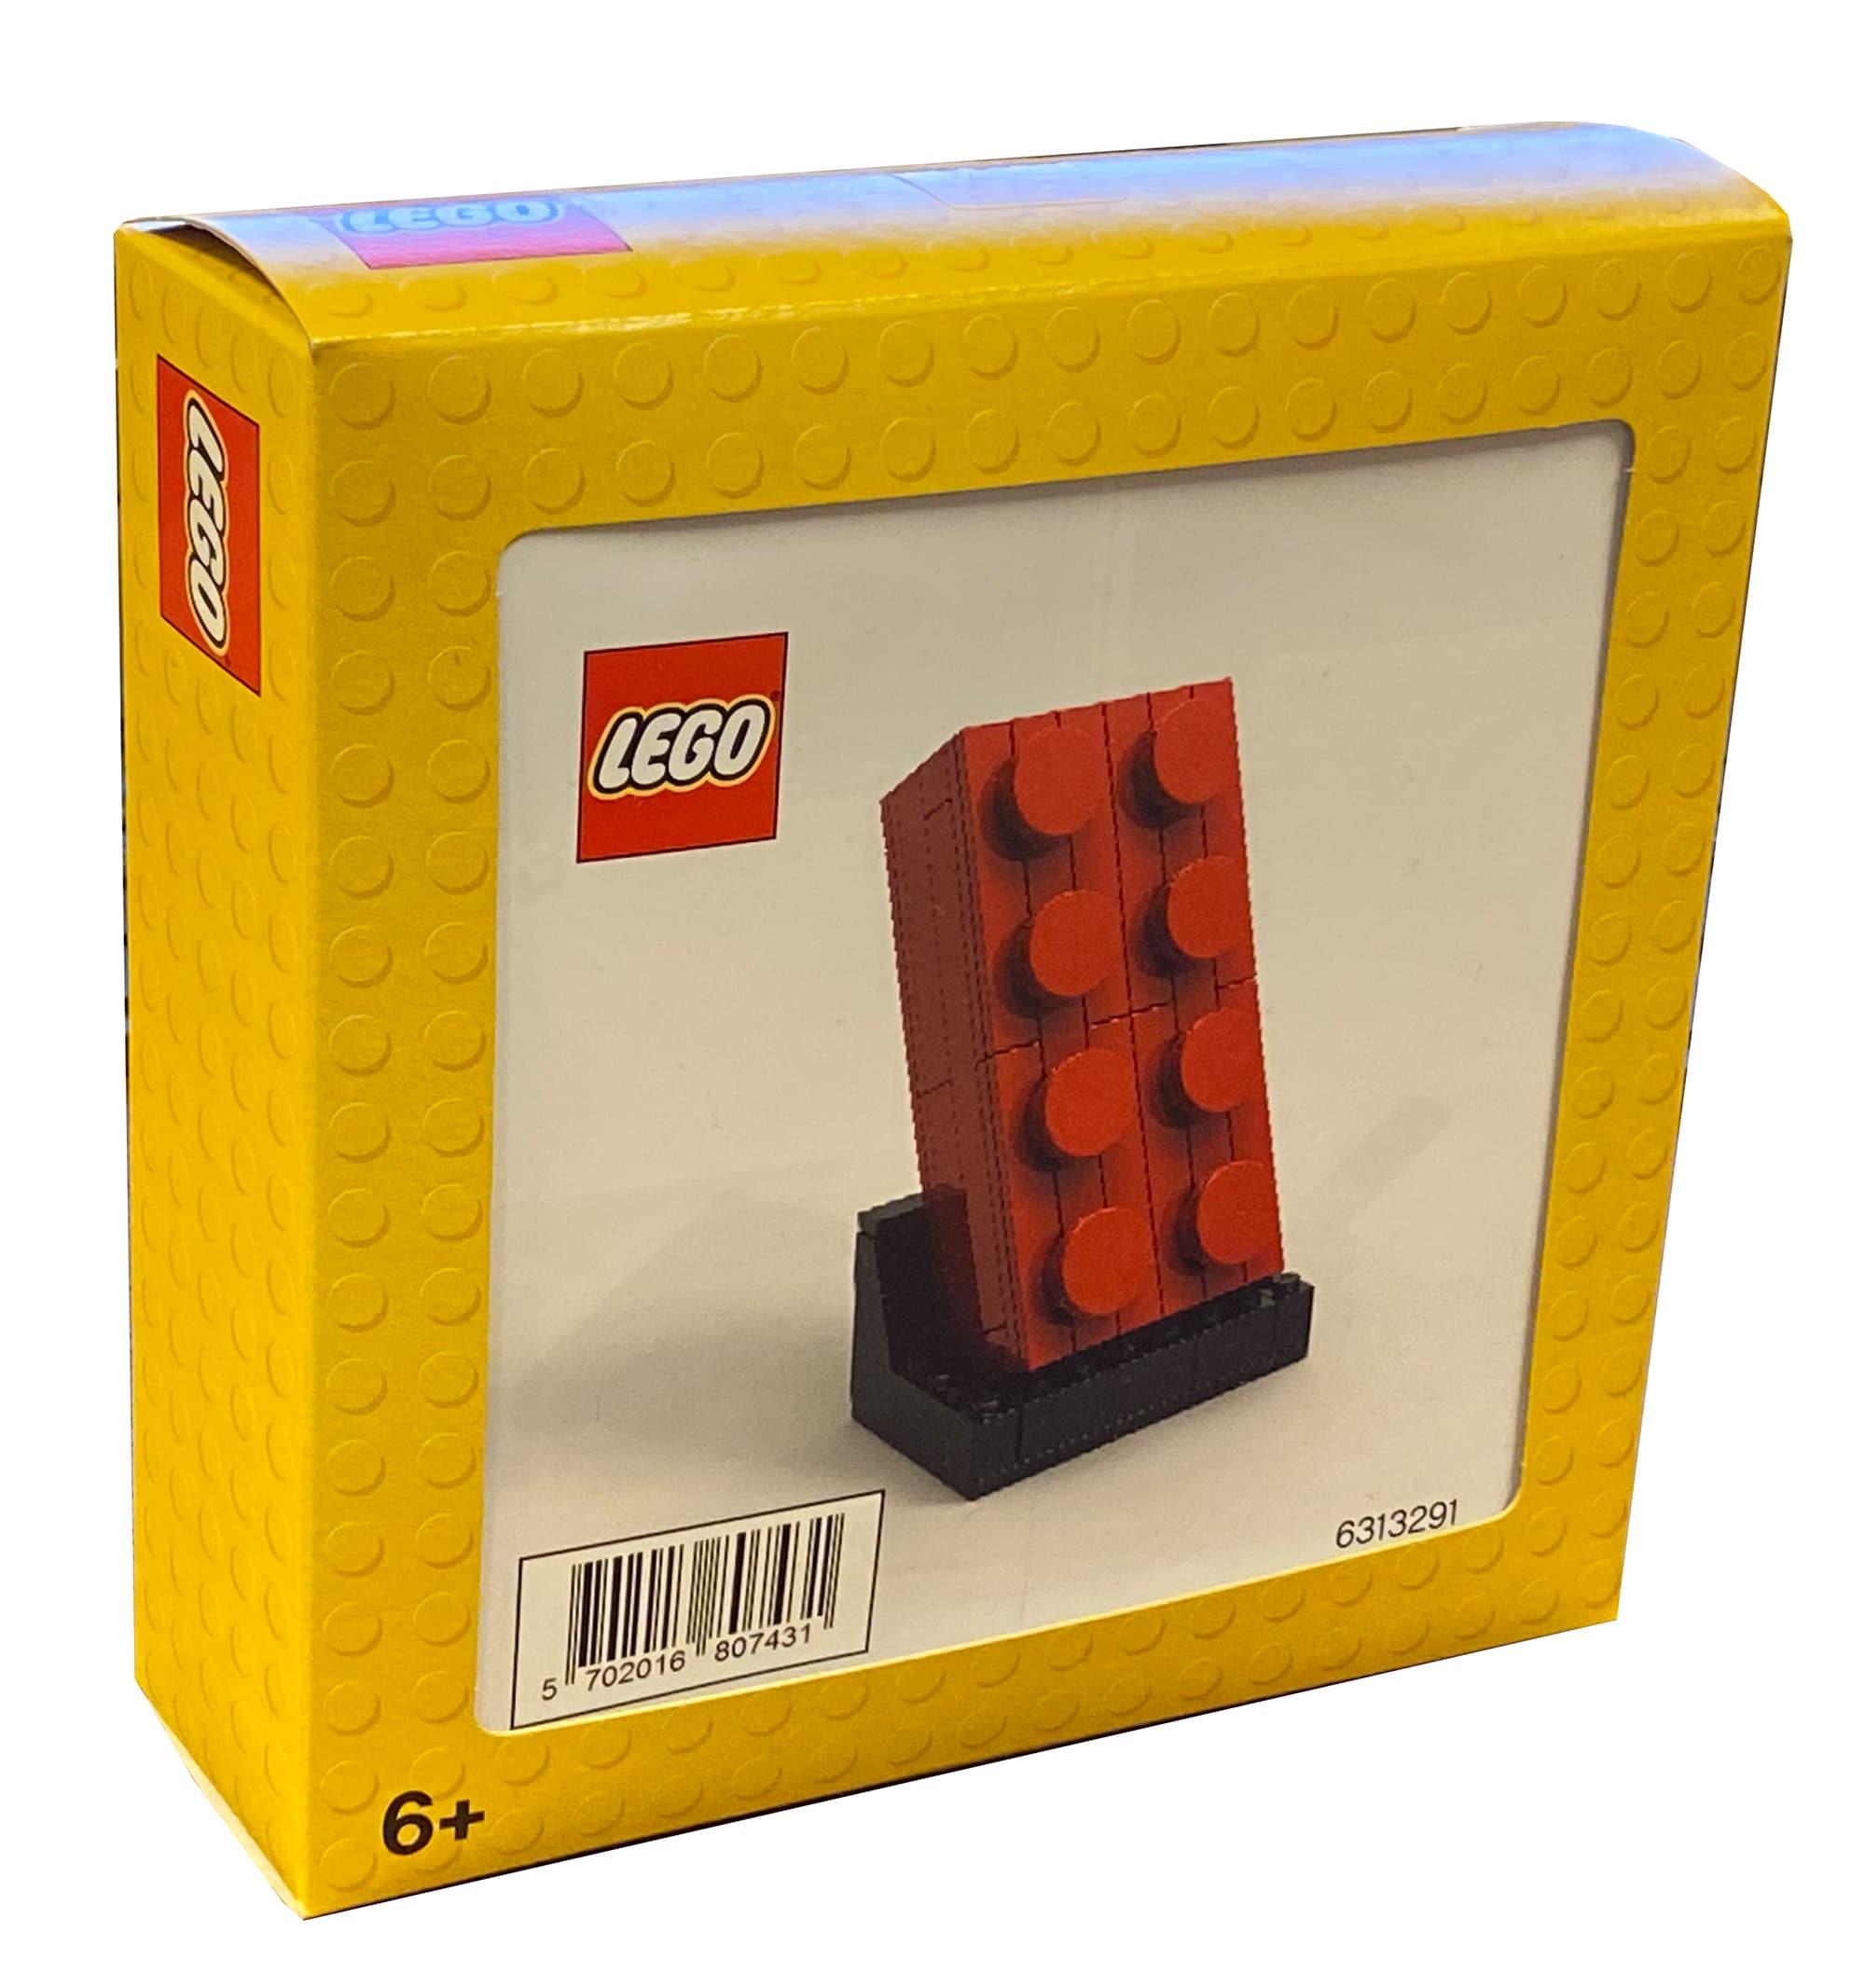 LEGO VIP Stein 2x4